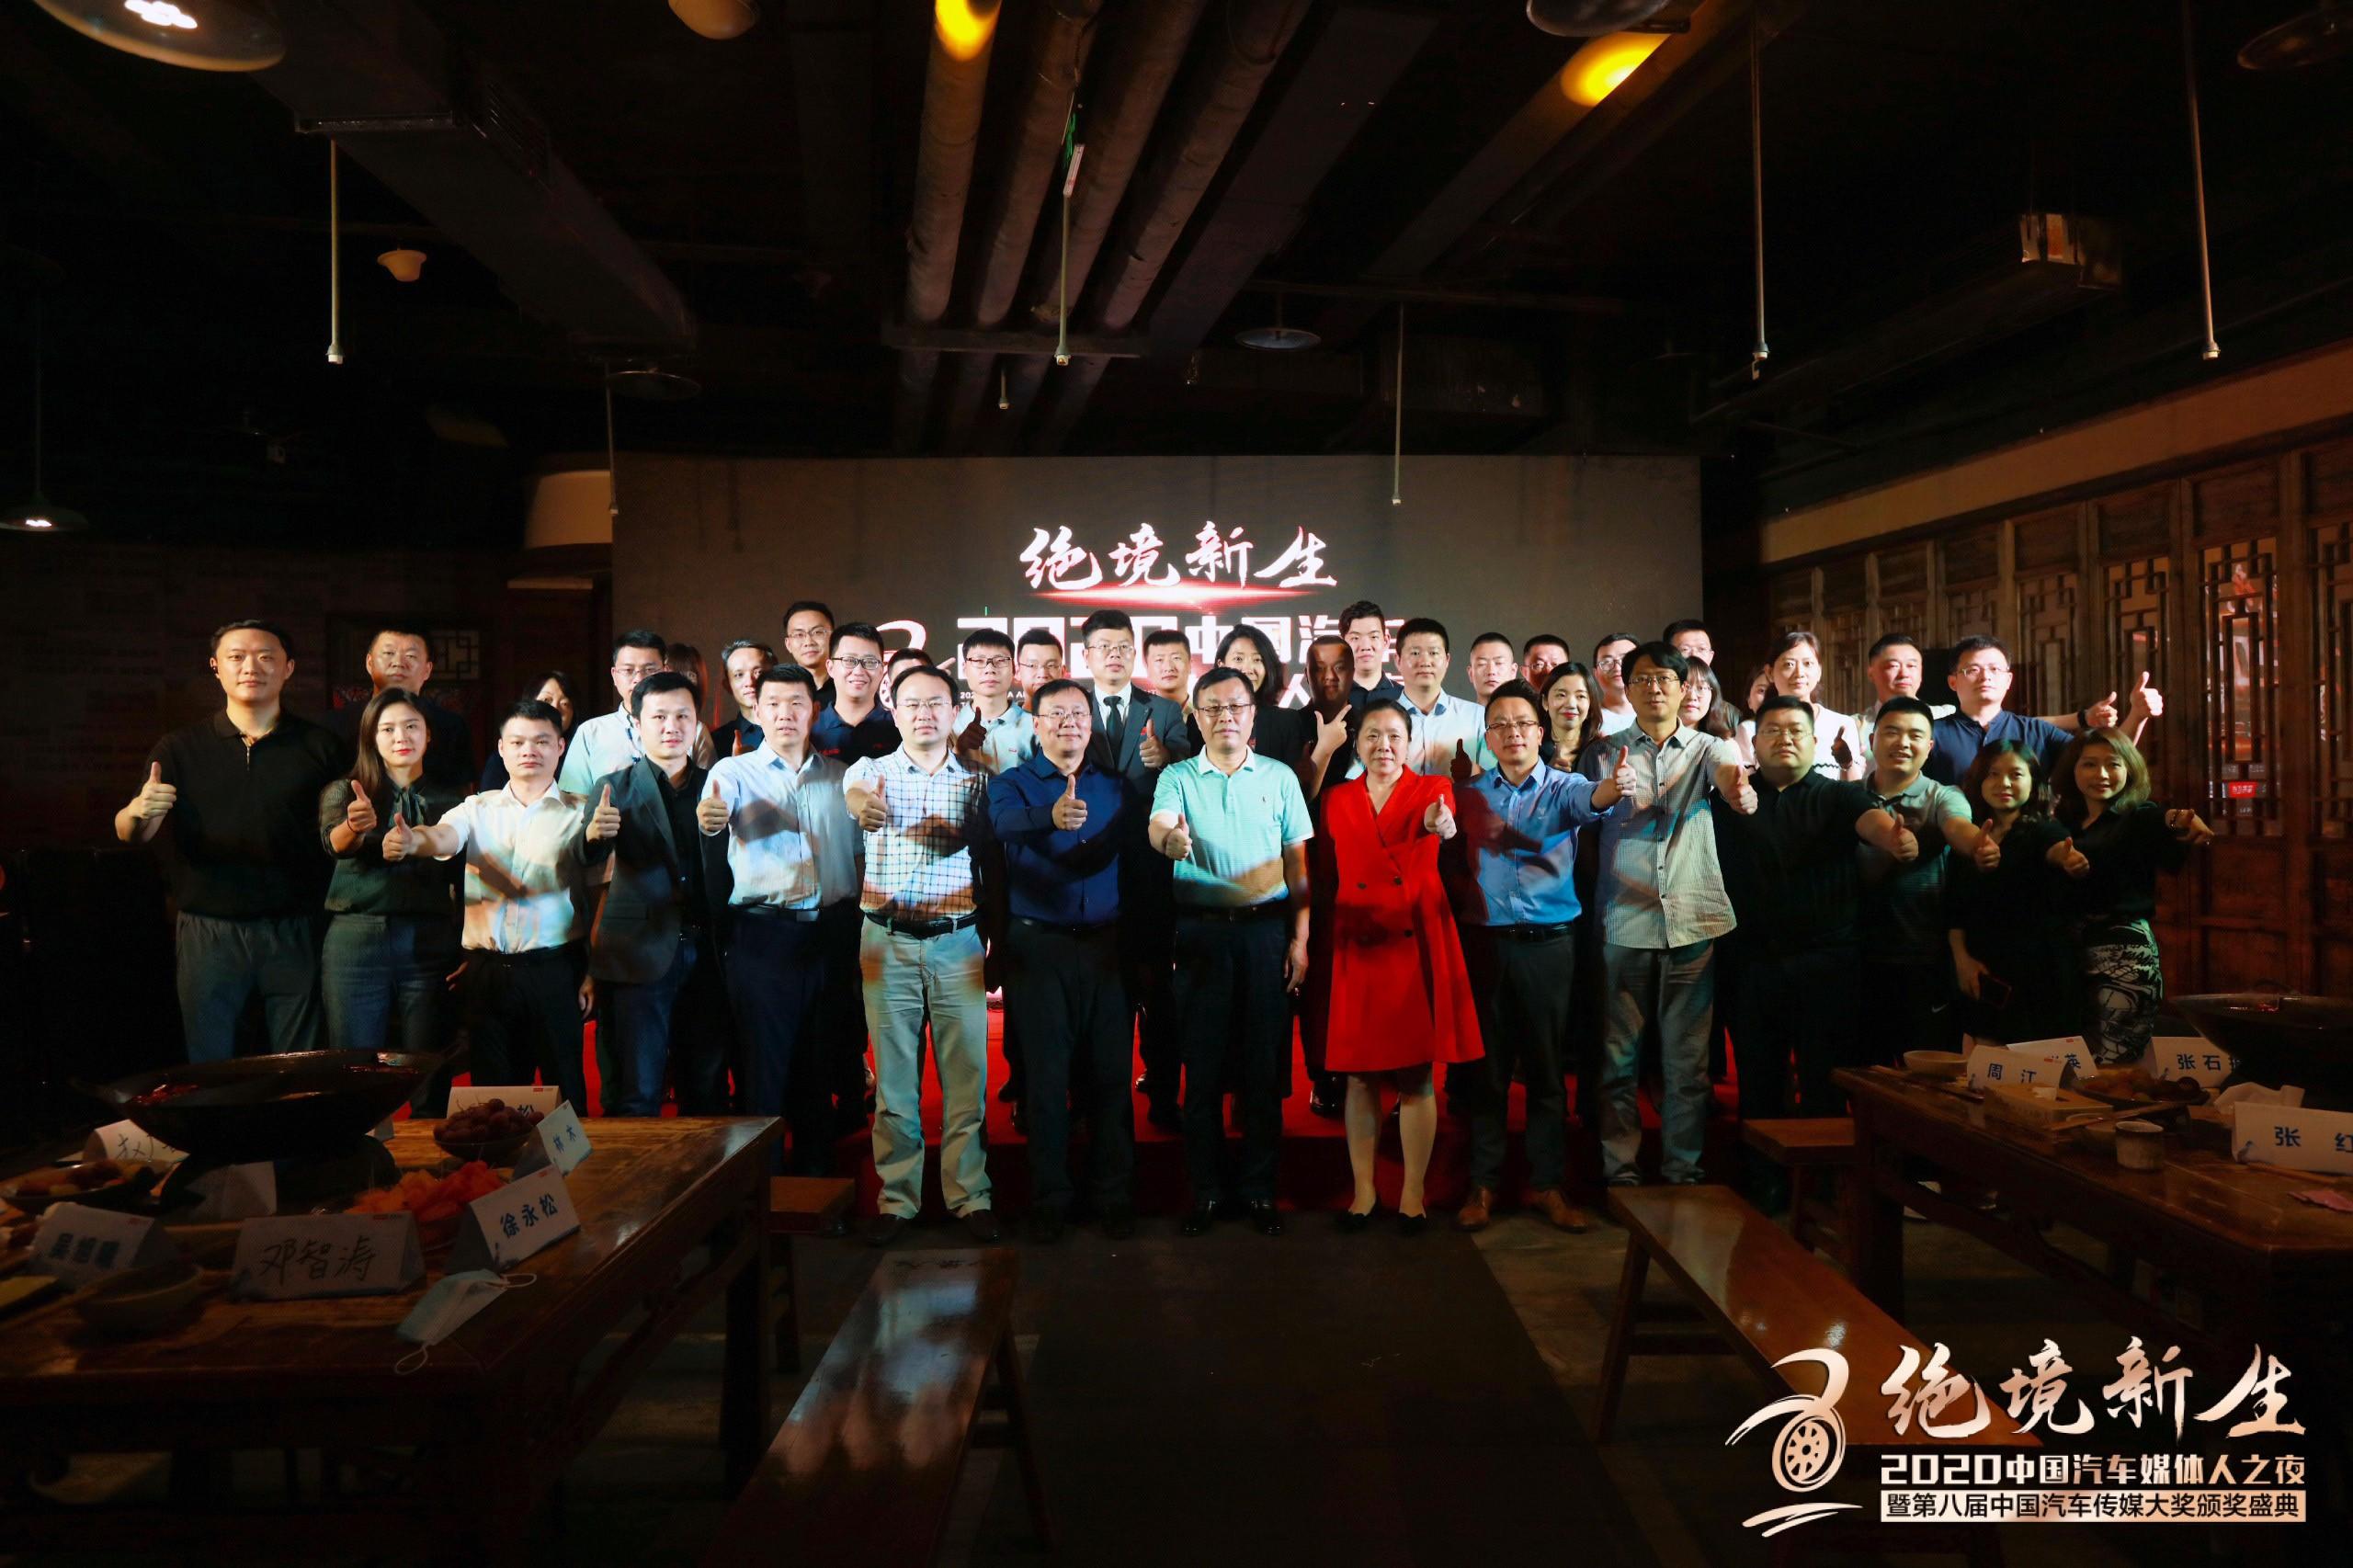 2020中国汽车媒体人之夜暨第八届中国汽车传媒大奖颁奖盛典圆满落幕